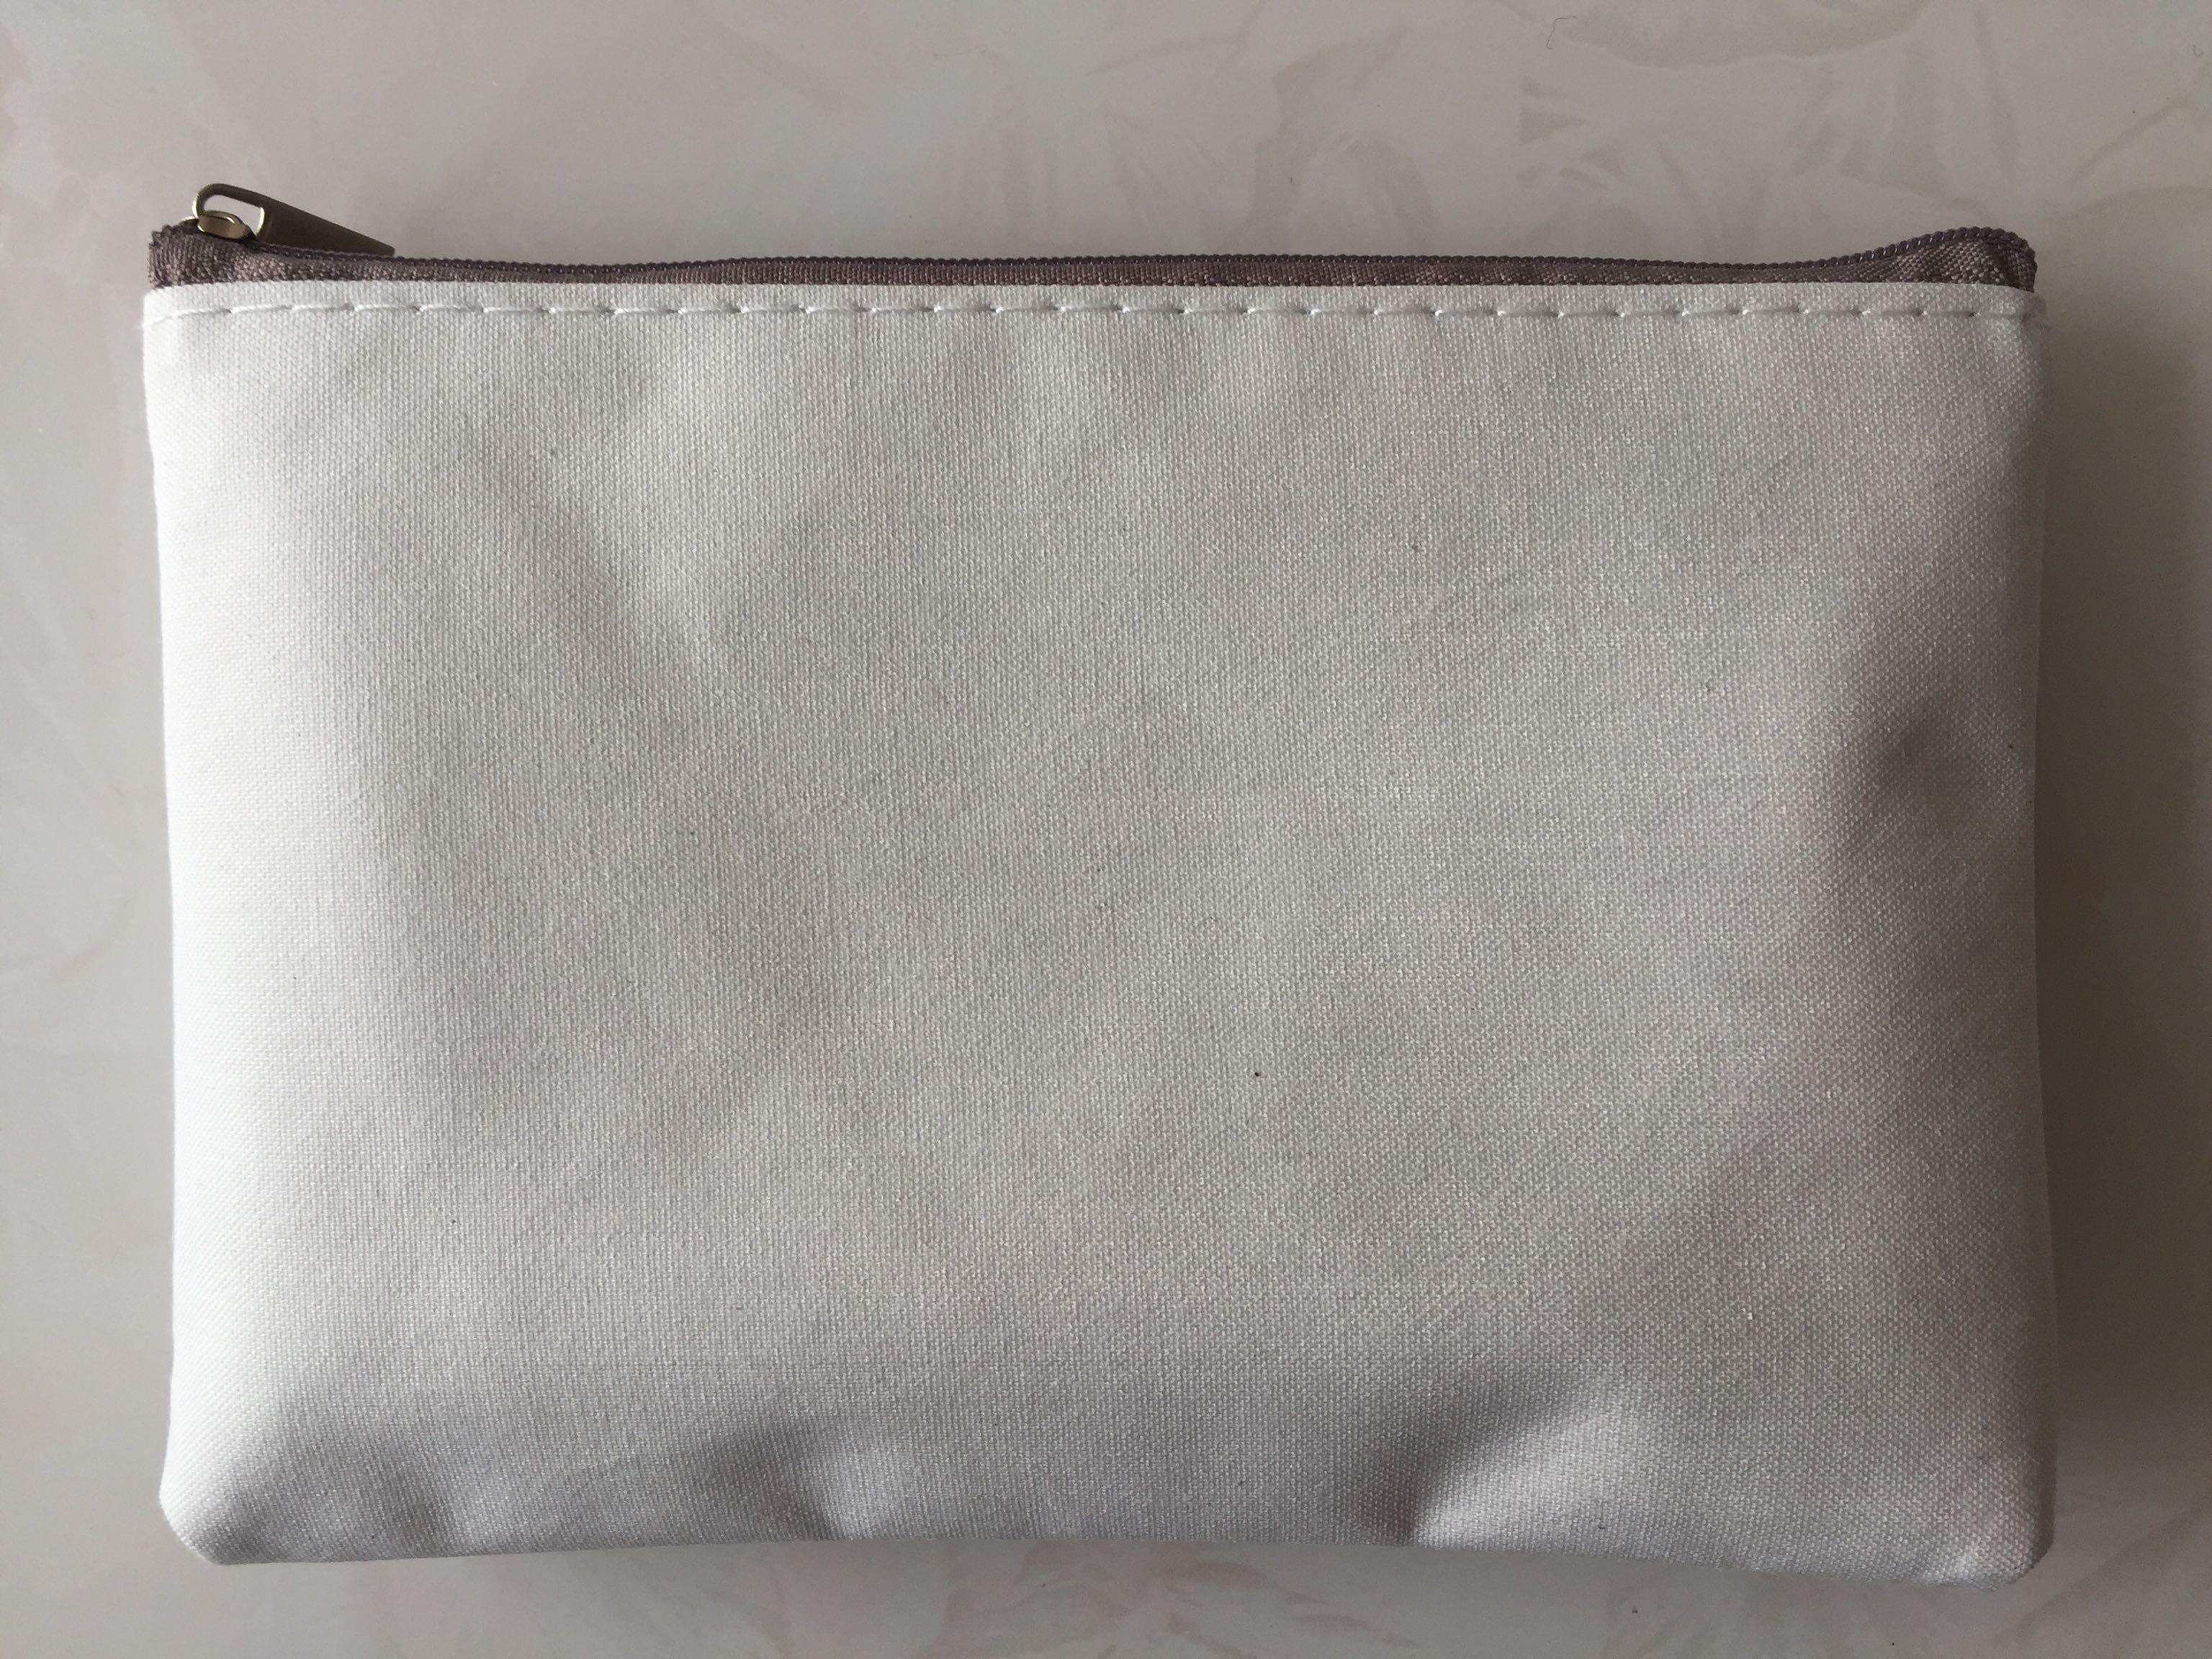 手繪空白錢包 帆布錢包 DIY手繪零錢包 手繪帆布包 來圖定製LOGO